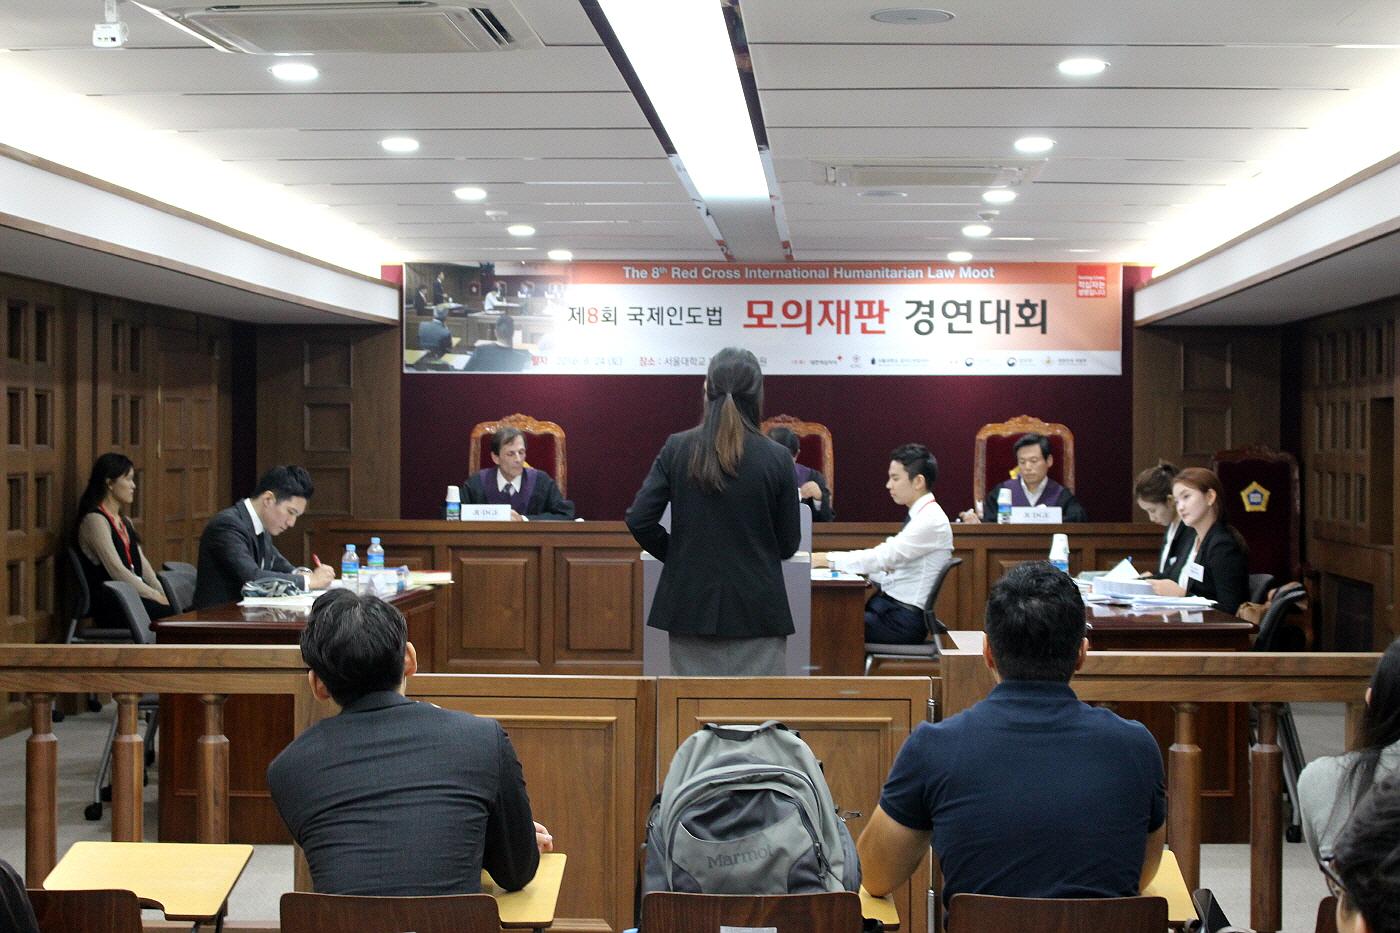 제8회 국제인도법 모의재판 경연대회